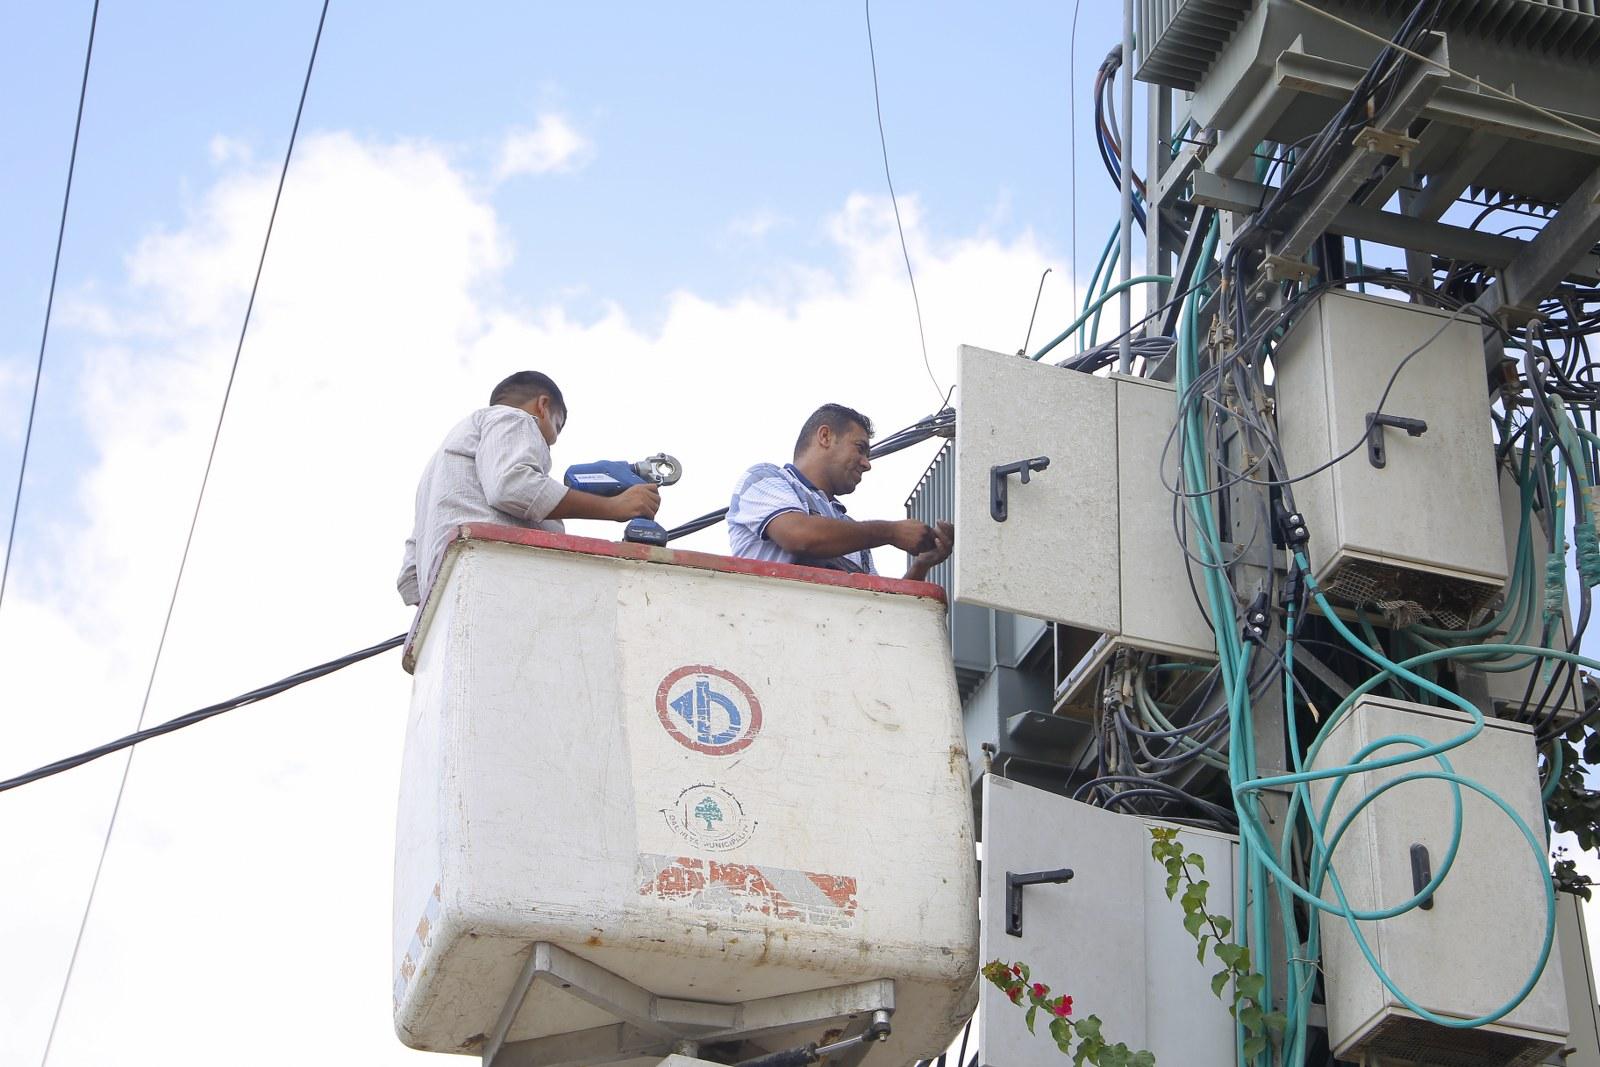 اعمال صيانة على خزانة توزيع الكهرباء